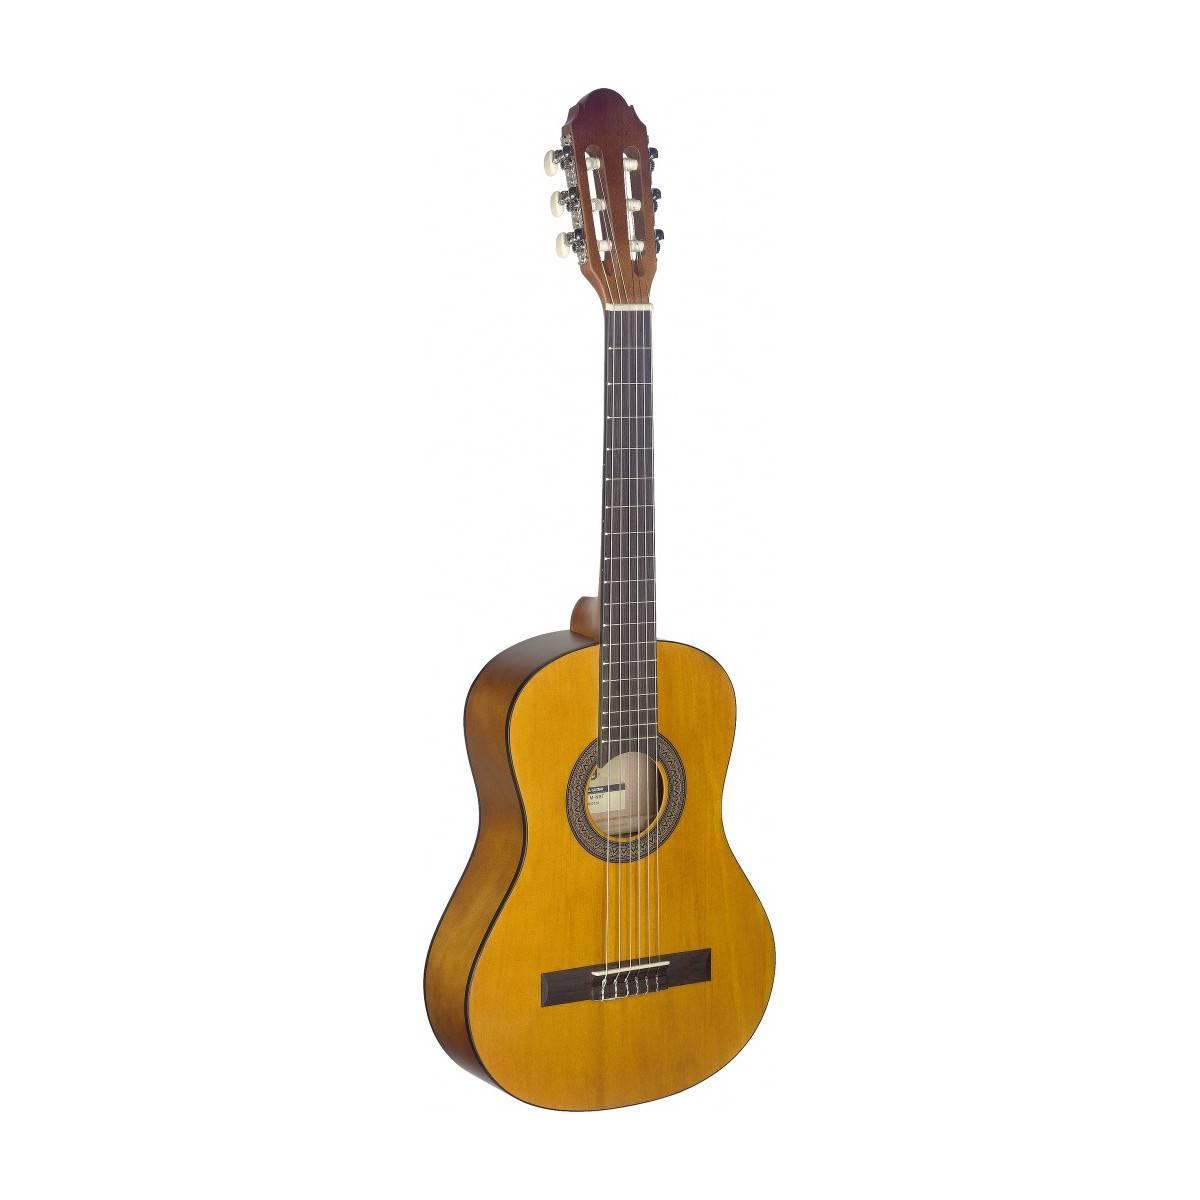 guitare enfant classique 1 2 tilleul guitare acoustique enfant. Black Bedroom Furniture Sets. Home Design Ideas